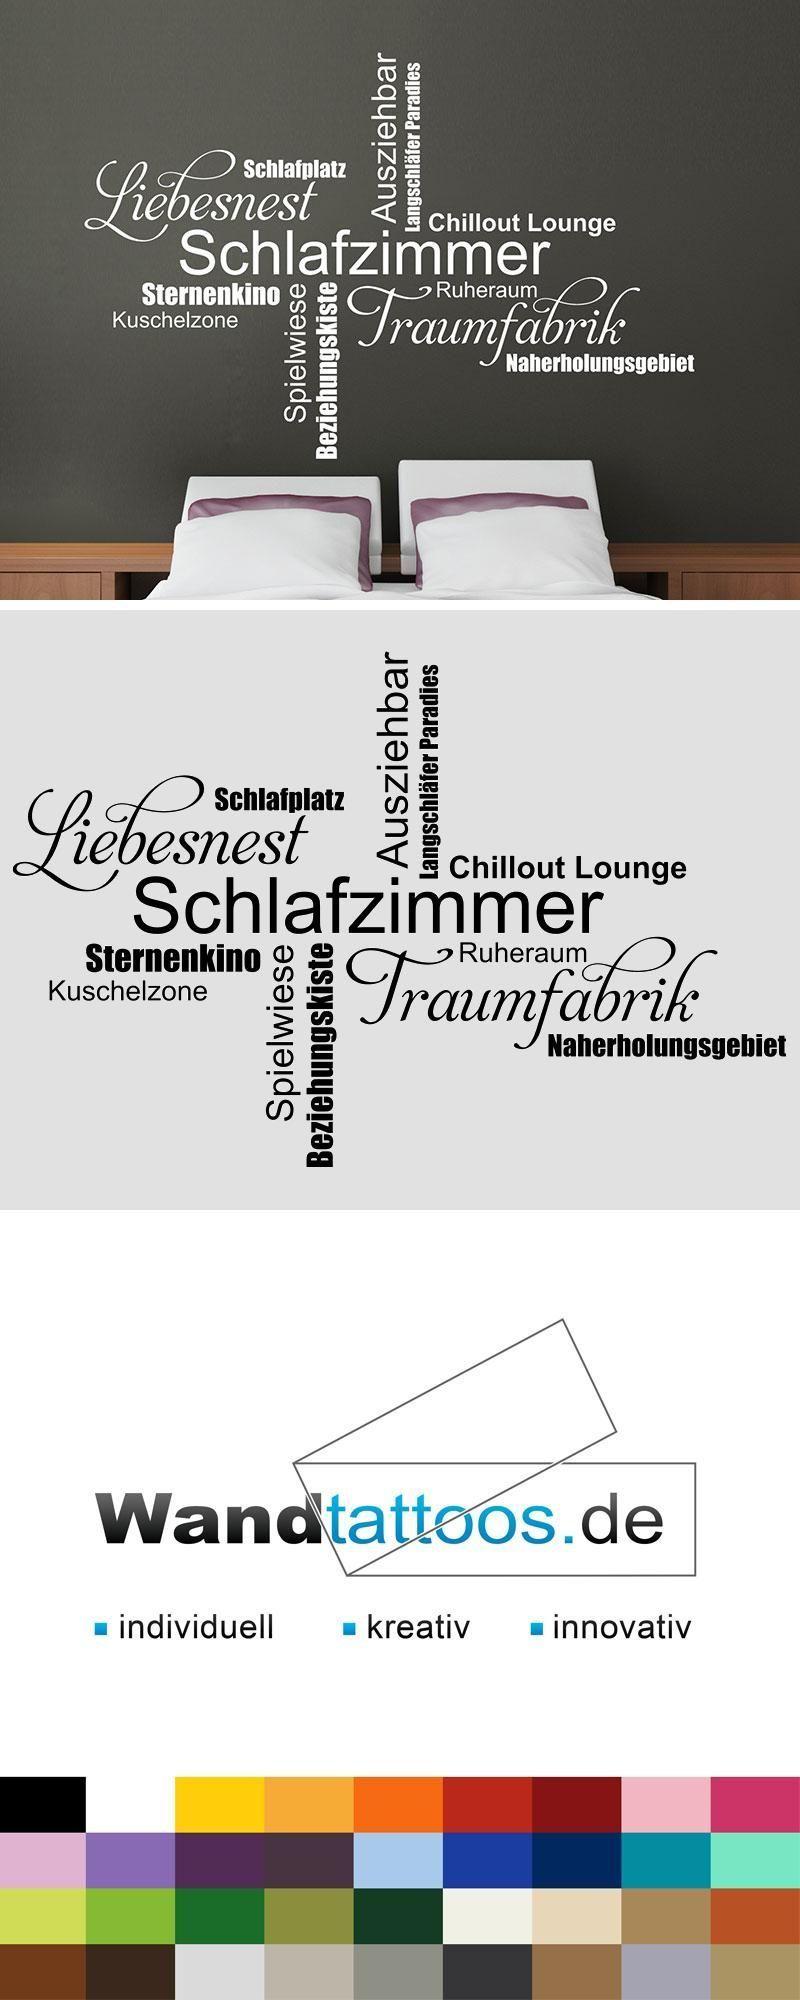 Wandtattoo Moderne Schlafzimmer Begriffe Als Idee Zur Individuellen Wandgestaltung Einf Wandtattoo Schlafzimmer Wandtattoos Schlafzimmer Modernes Schlafzimmer